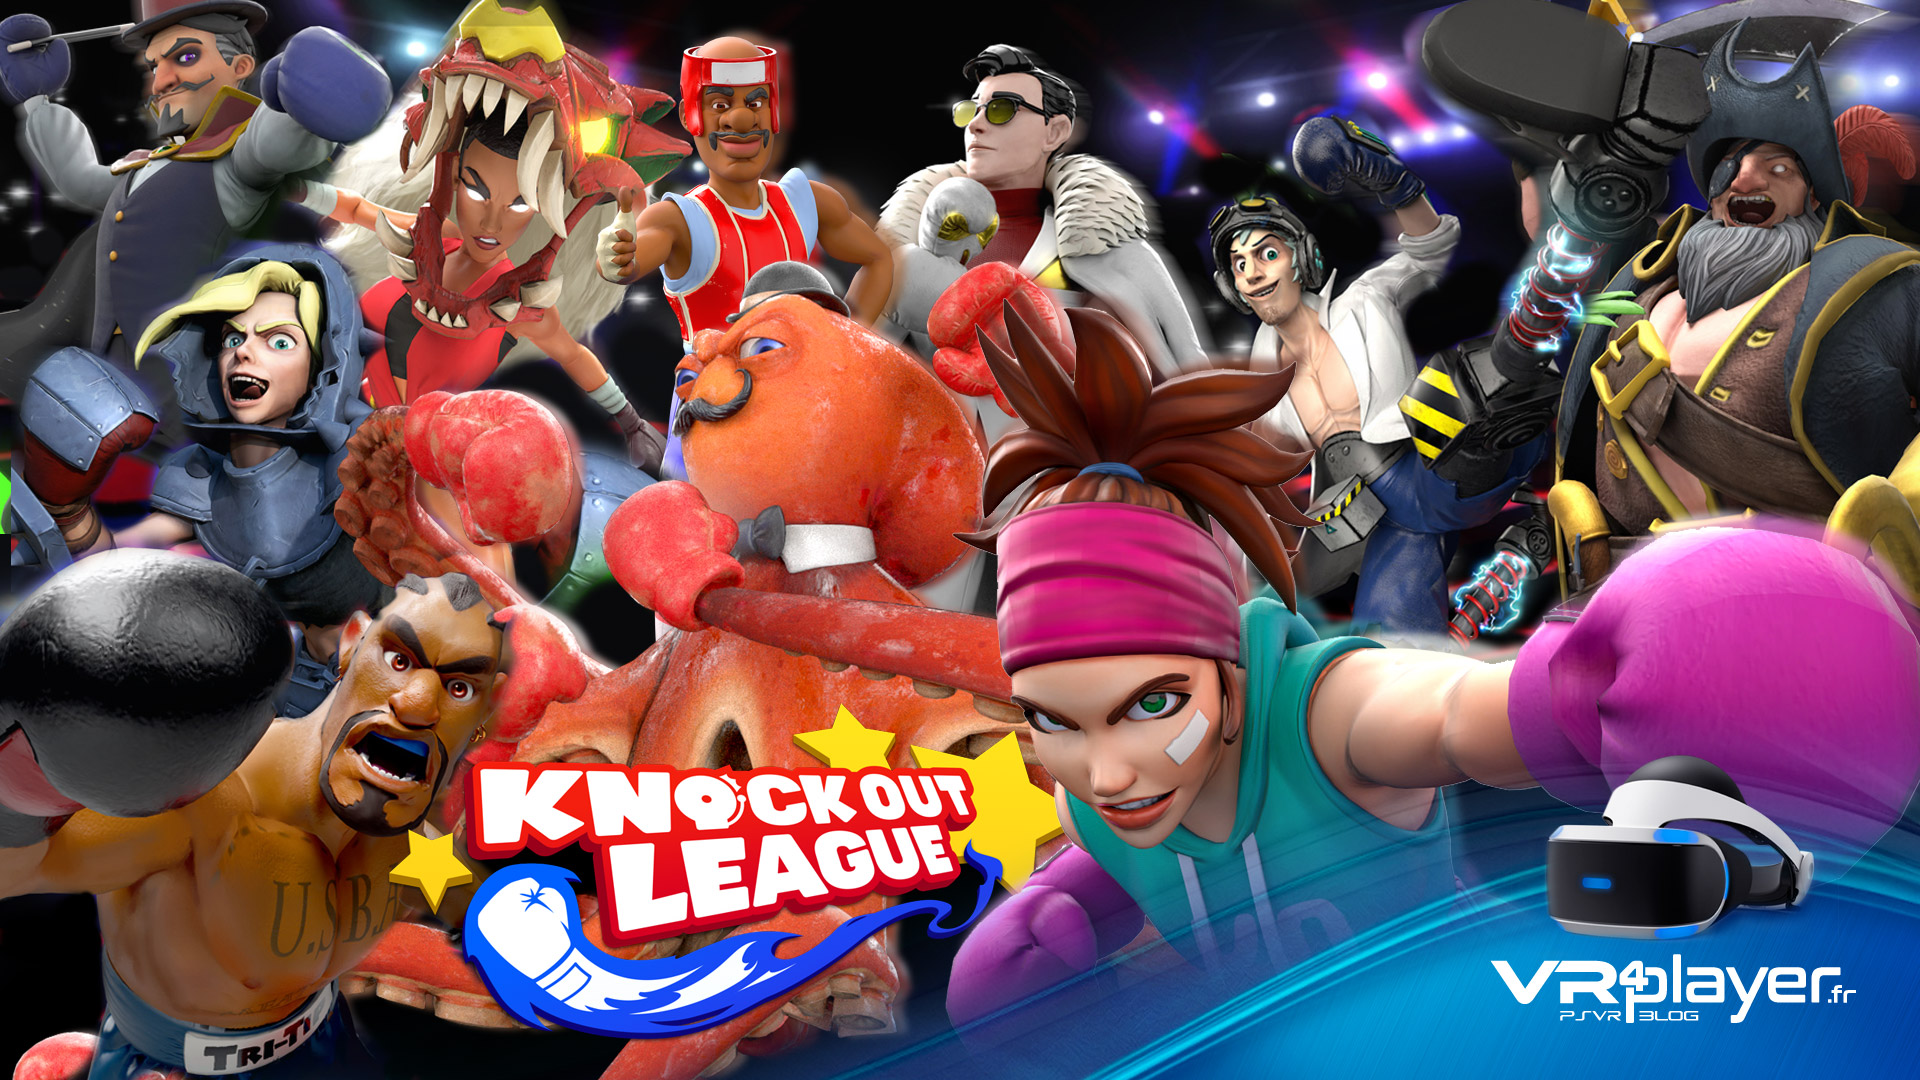 Knockout League DLC Heay Bag sur PVR vr4player.fr